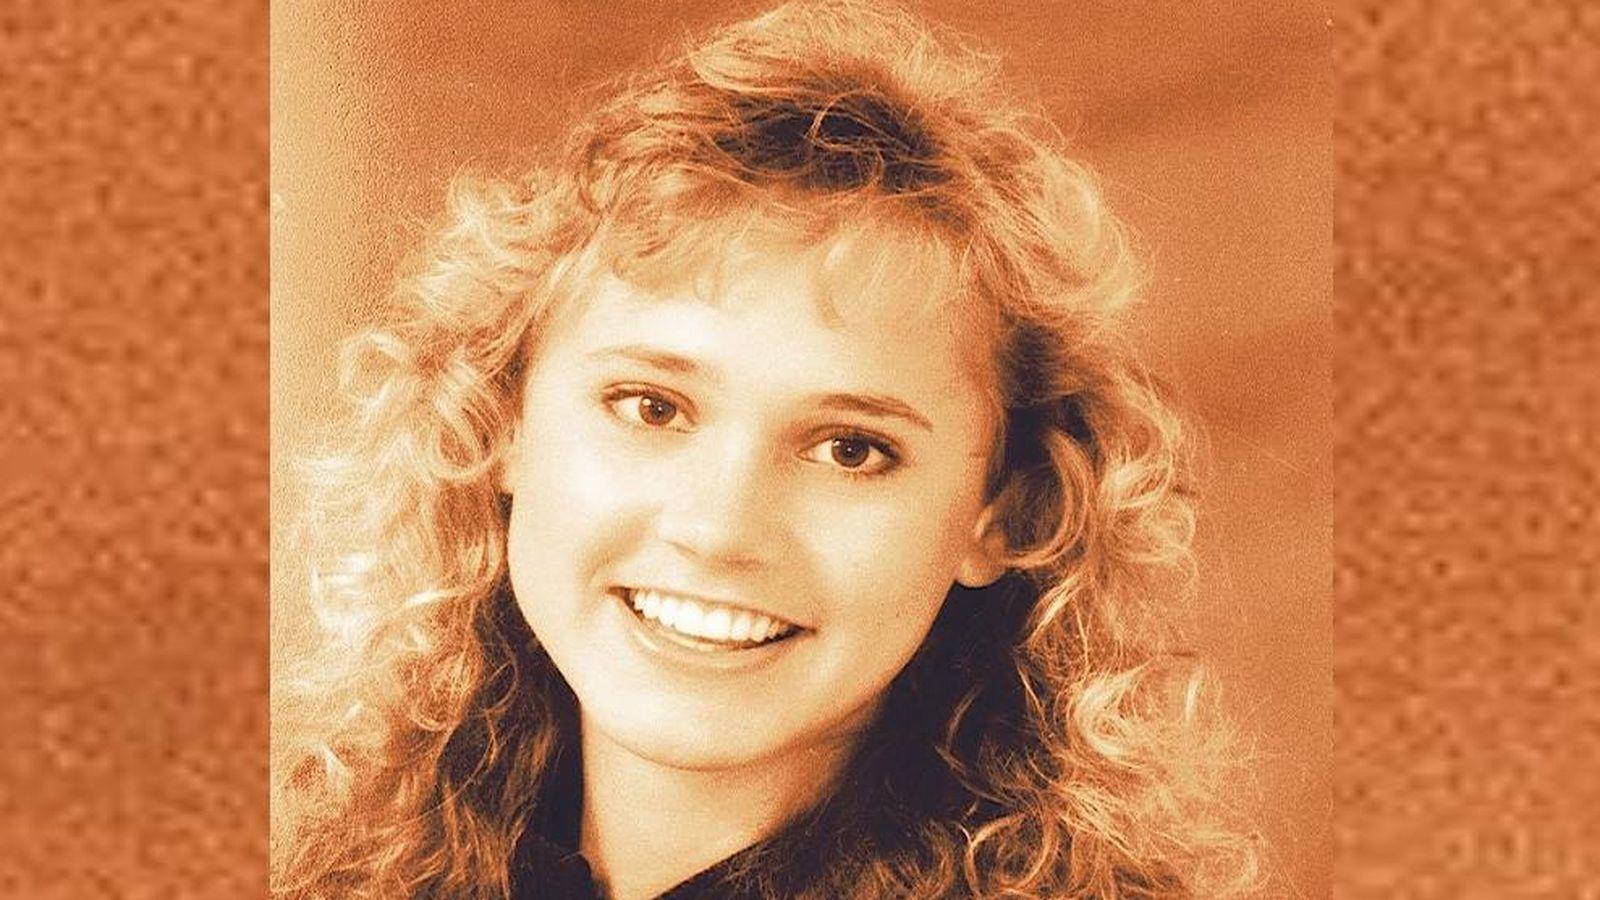 Foto: Mandy Stavik, la joven asesinada en noviembre de 1989.